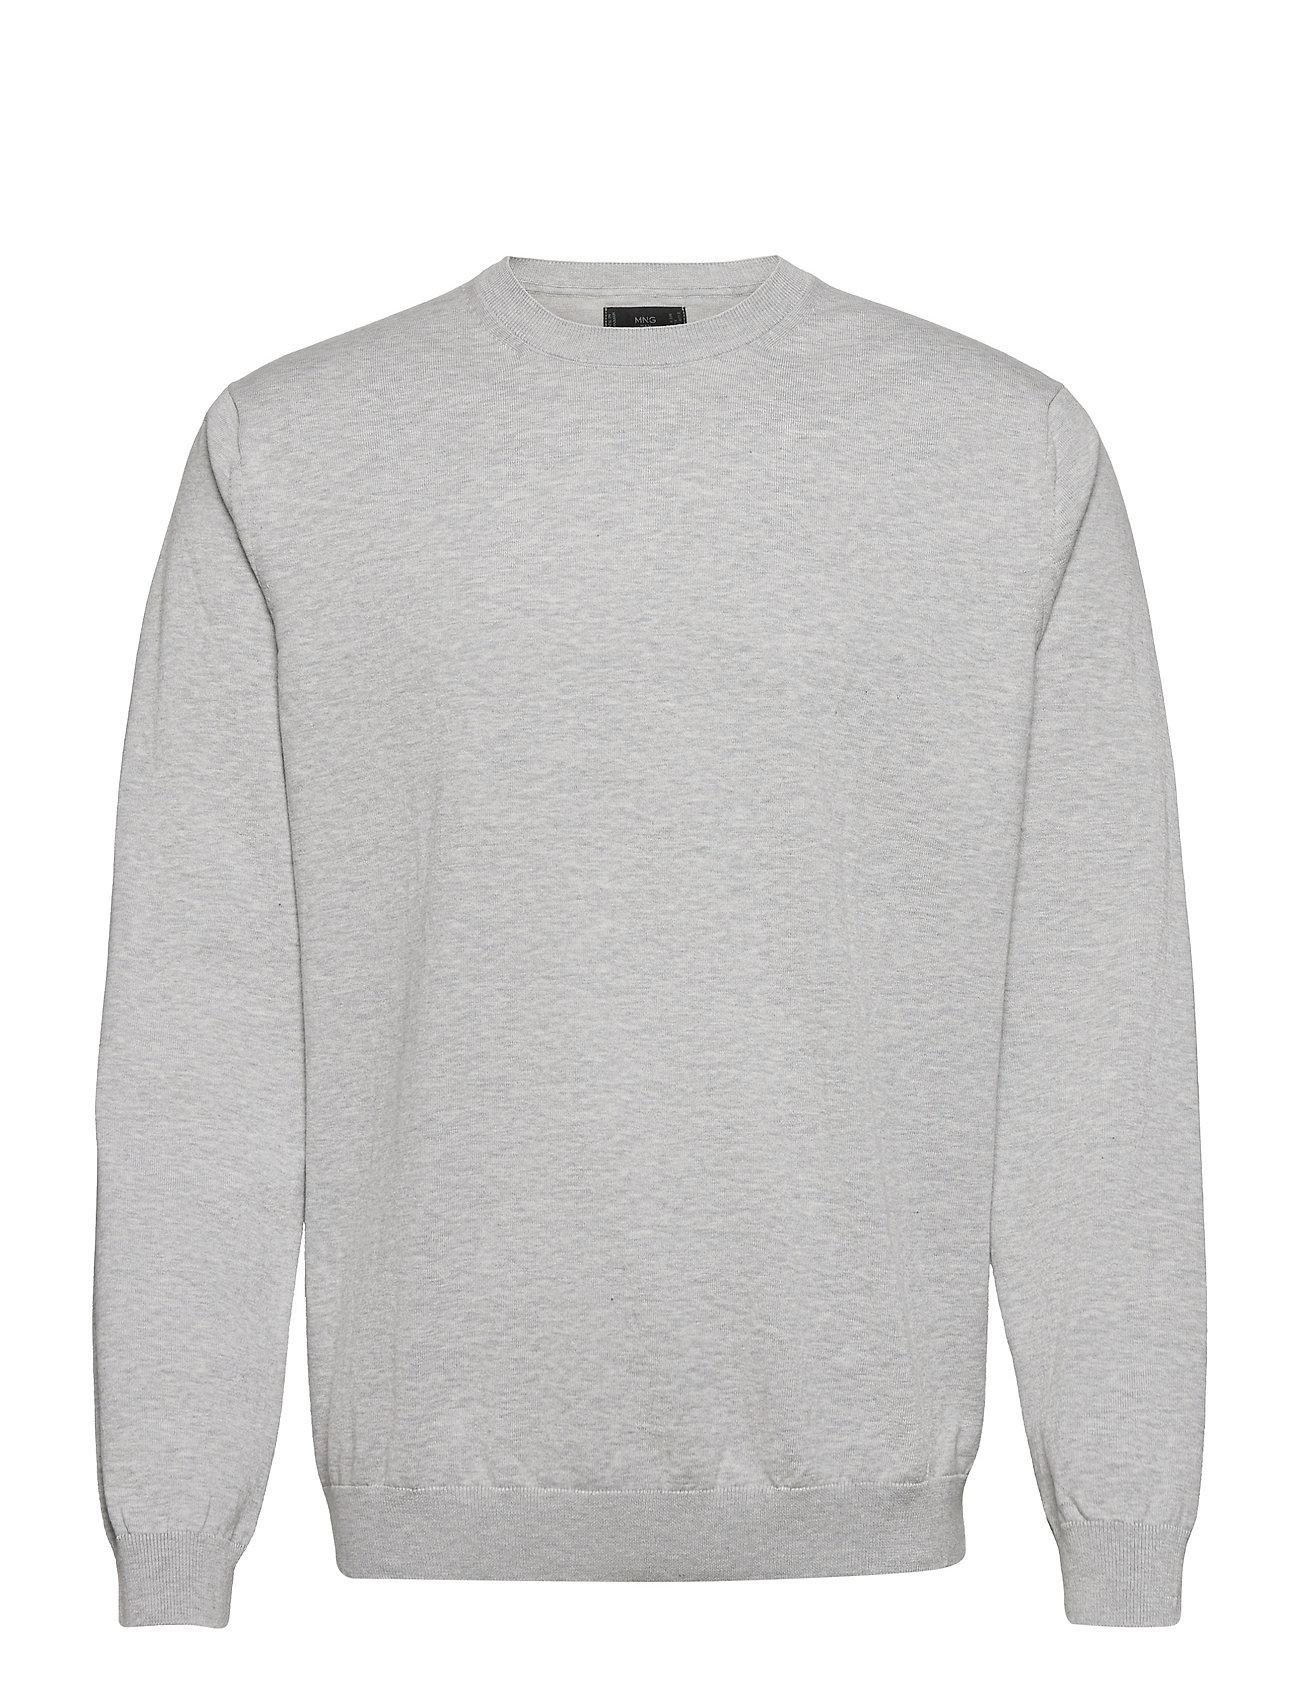 Ten Sweatshirt Trøje Grå Mango